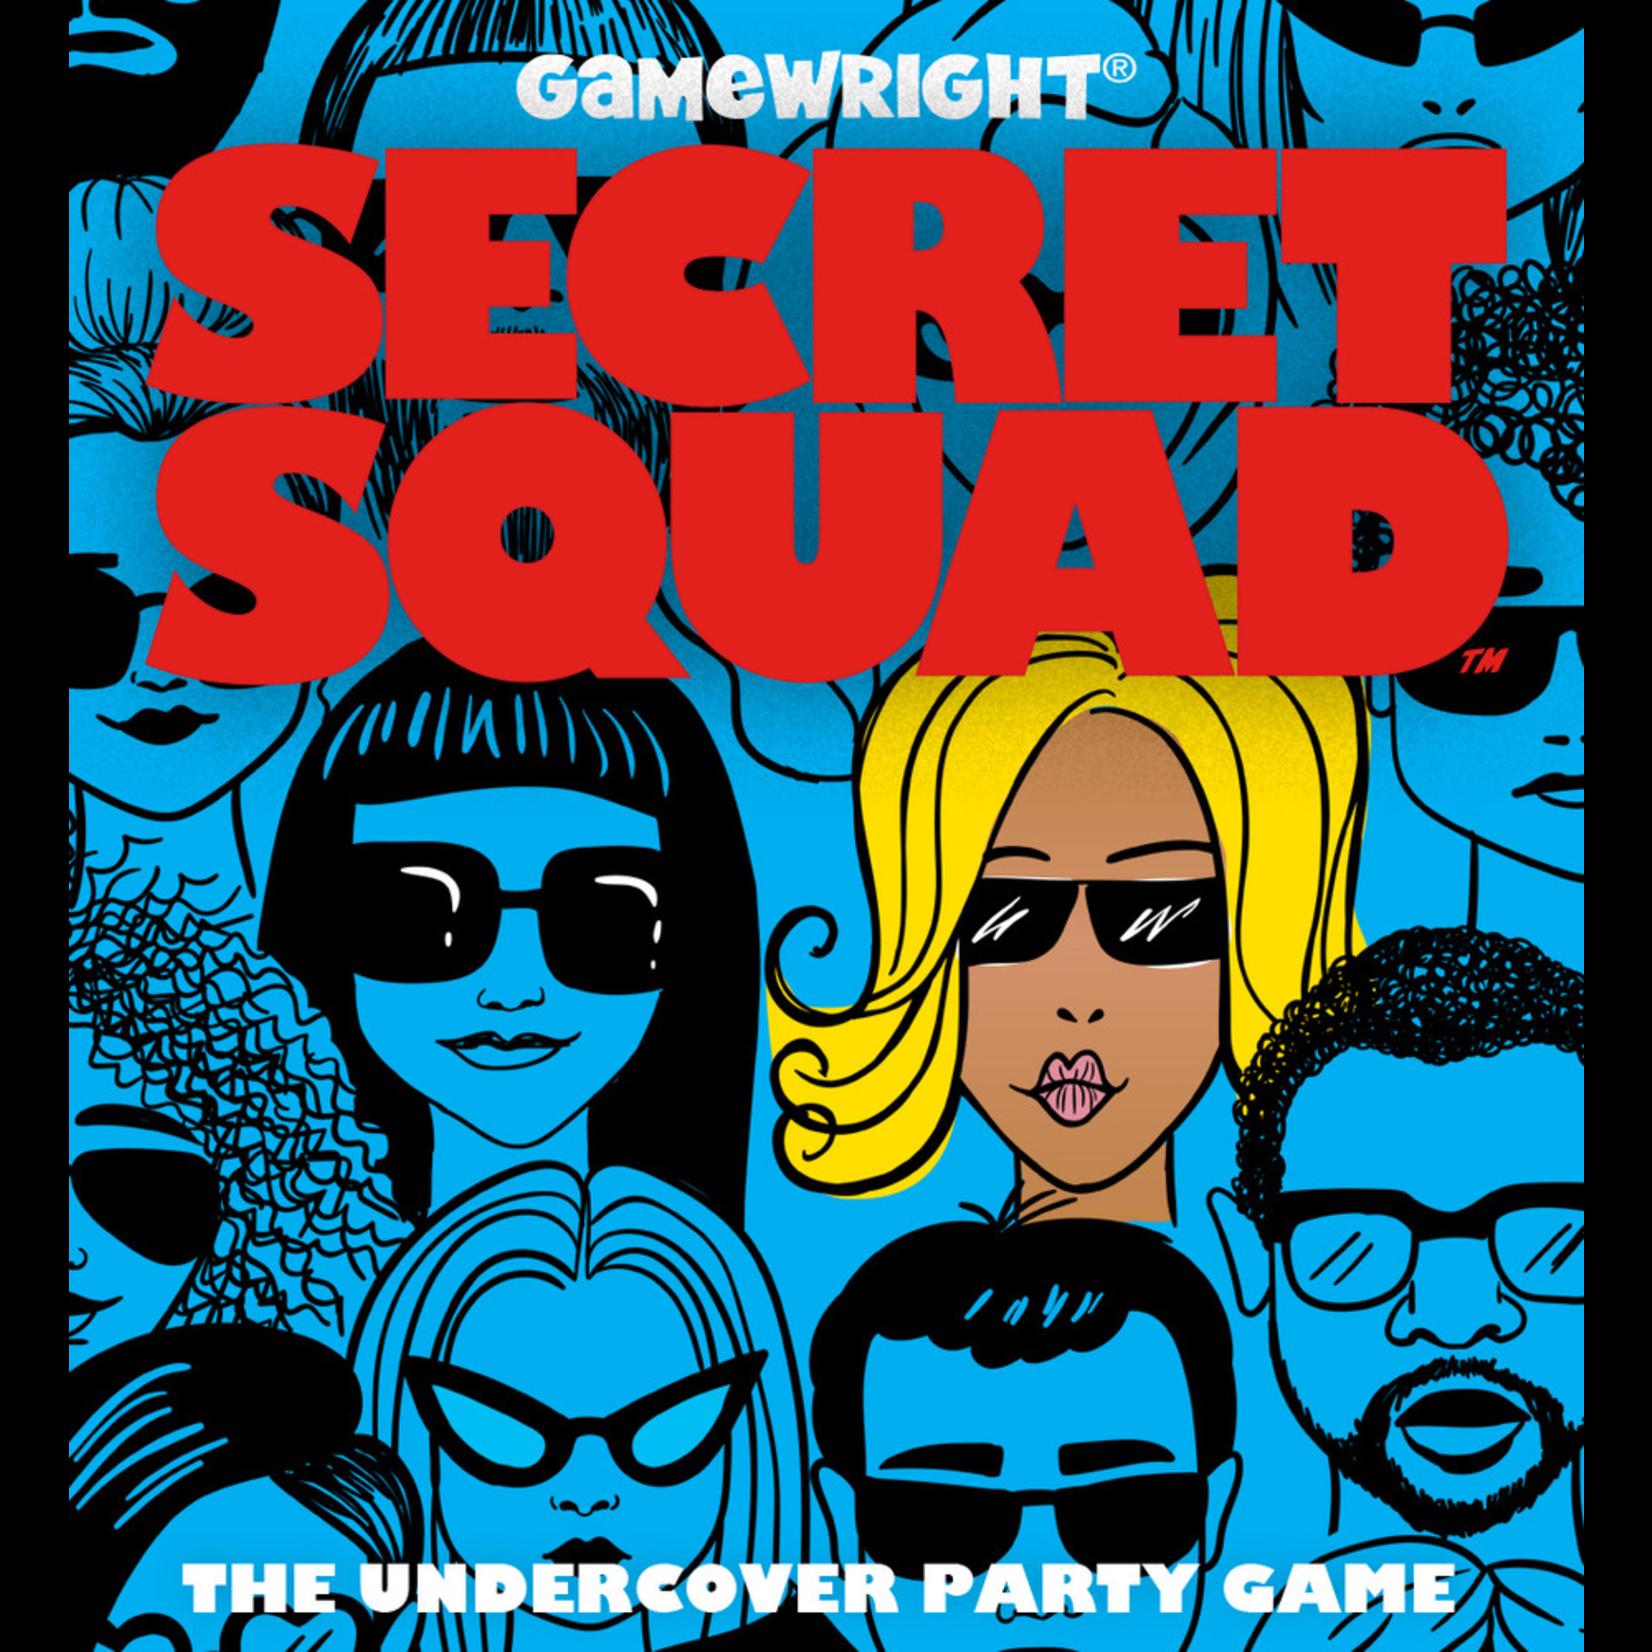 GameWright Secret Squad